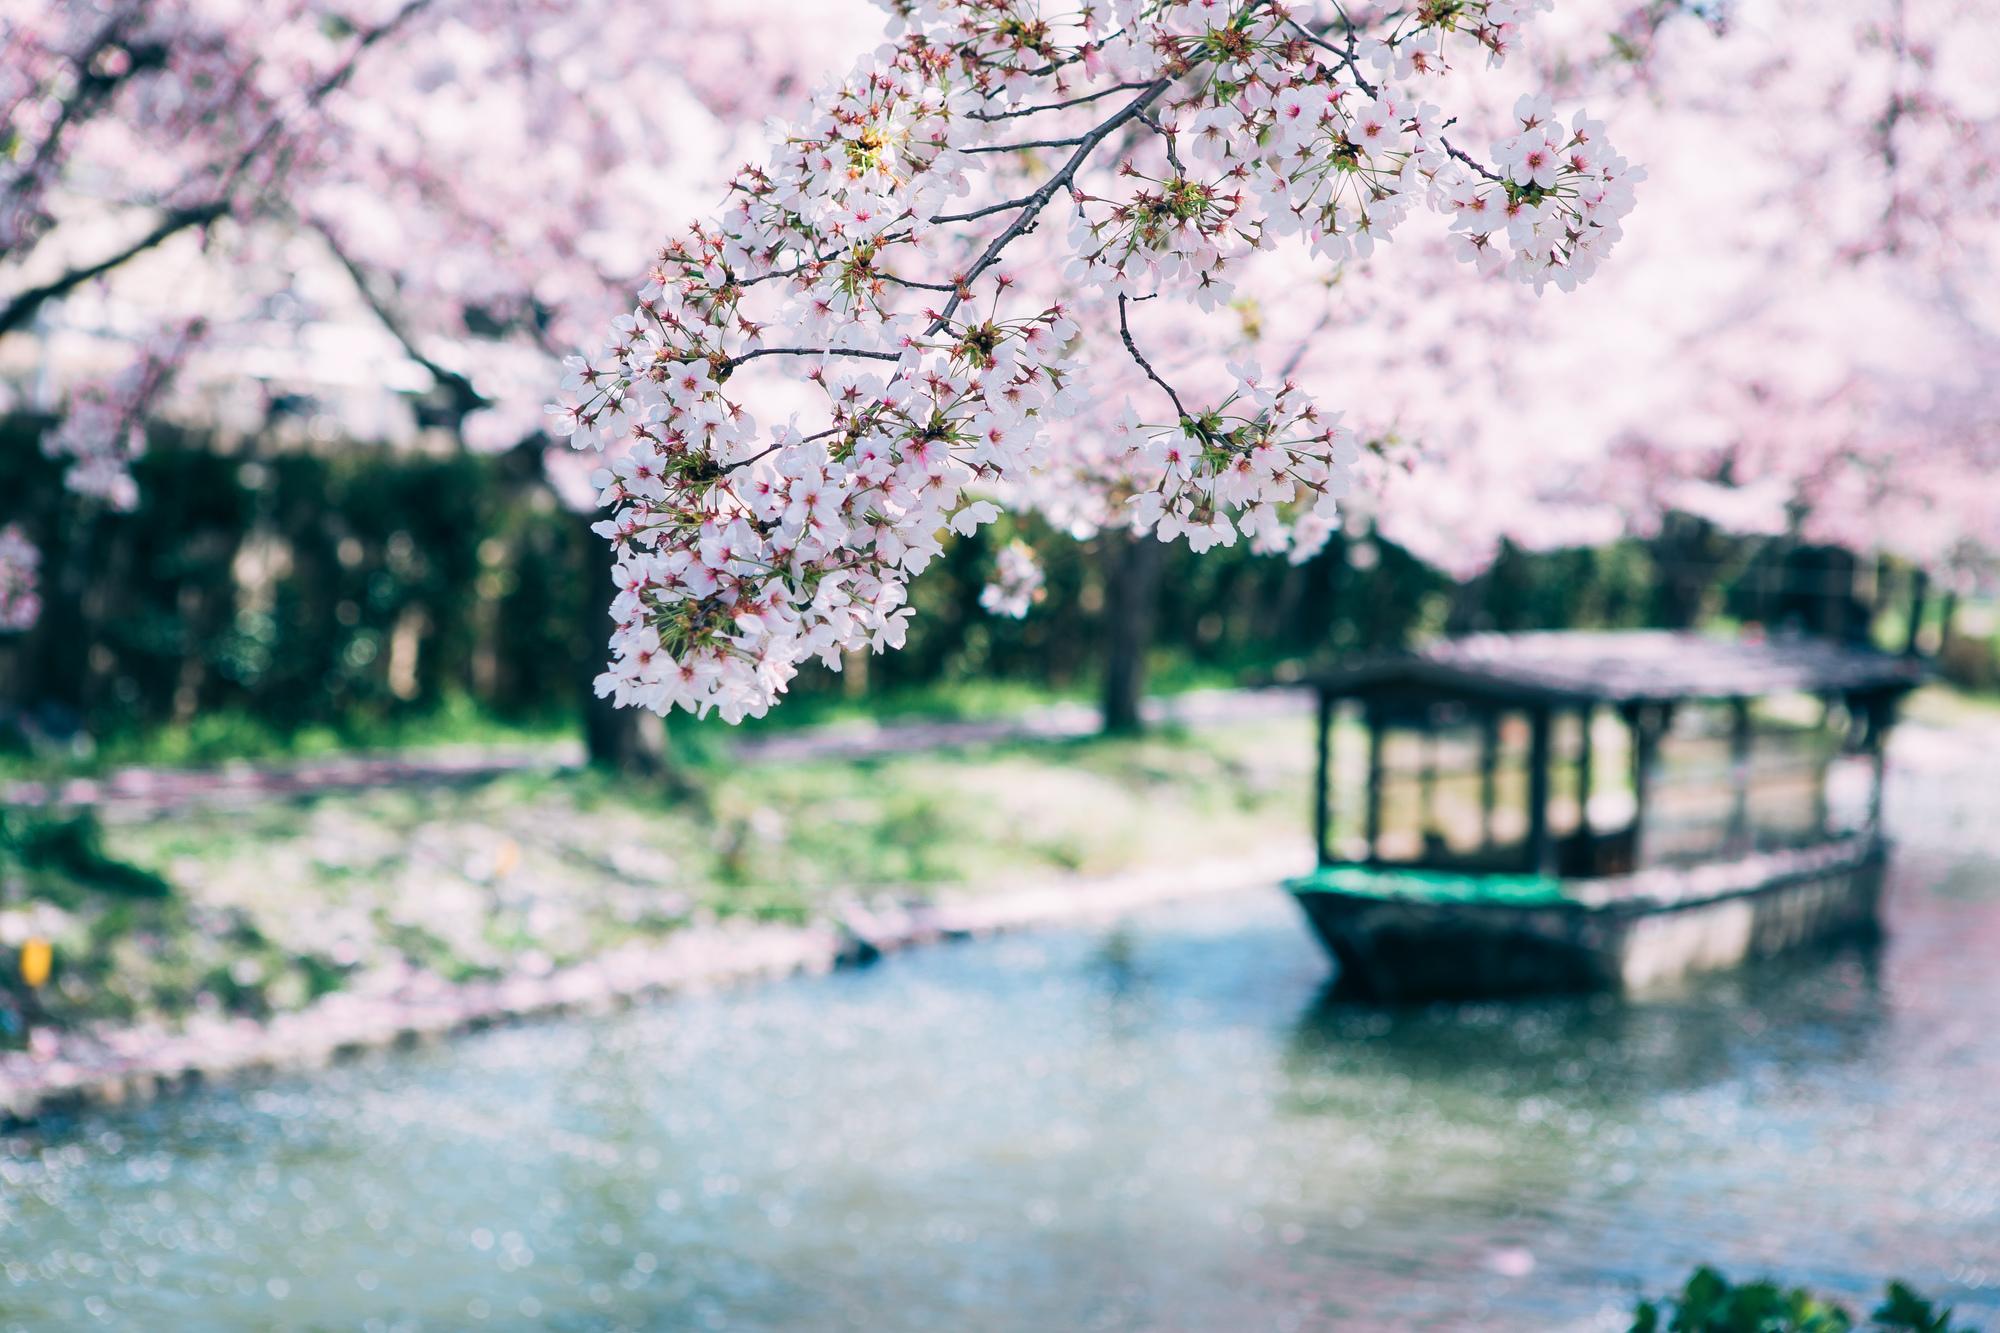 桜の下に流れる川と屋形船